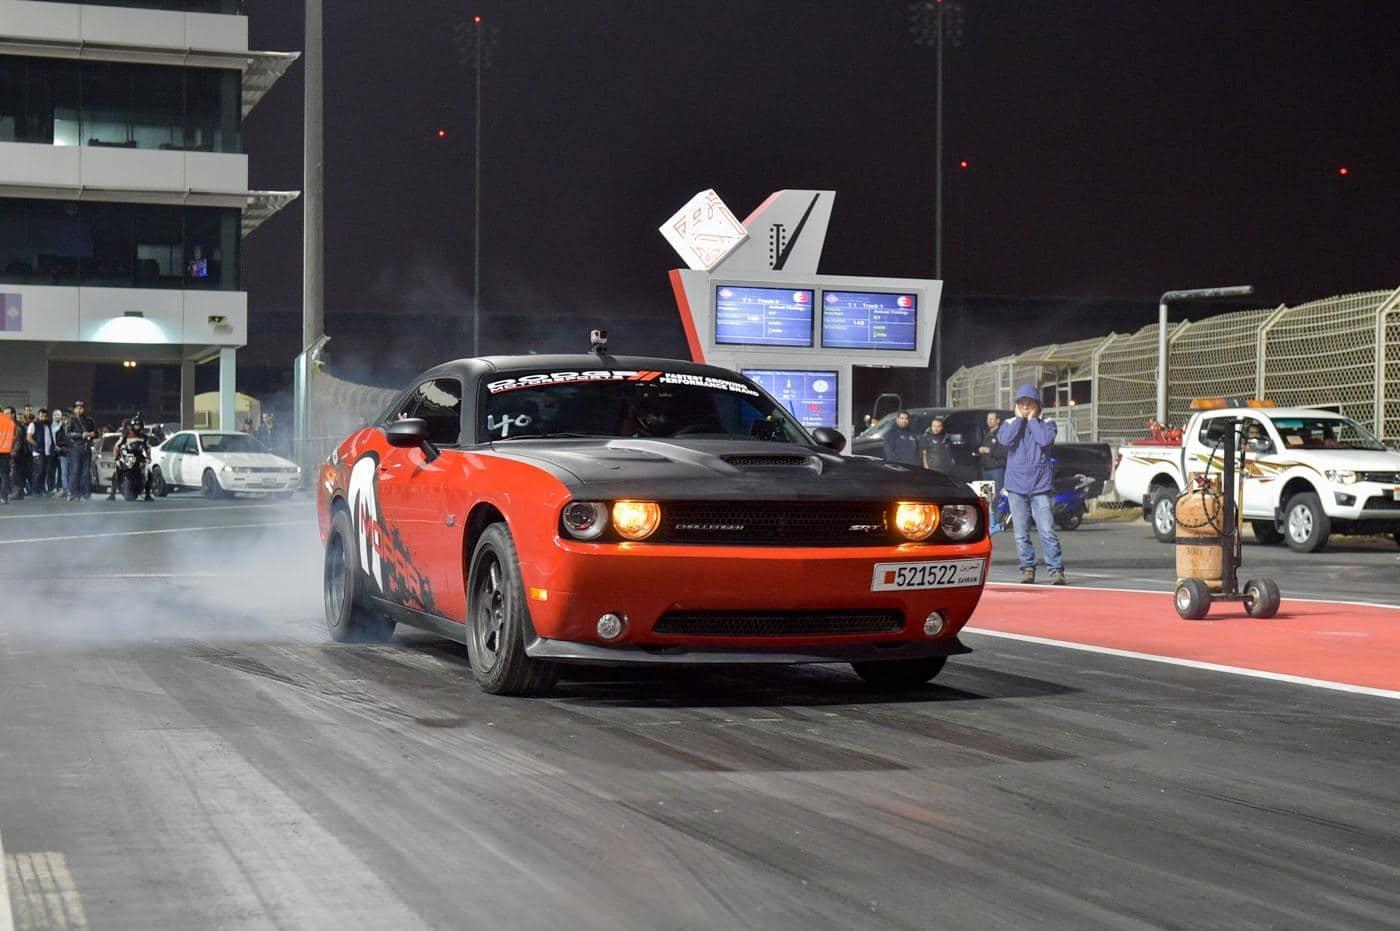 فعاليات ومعارض رياضية فى البحرين 2018